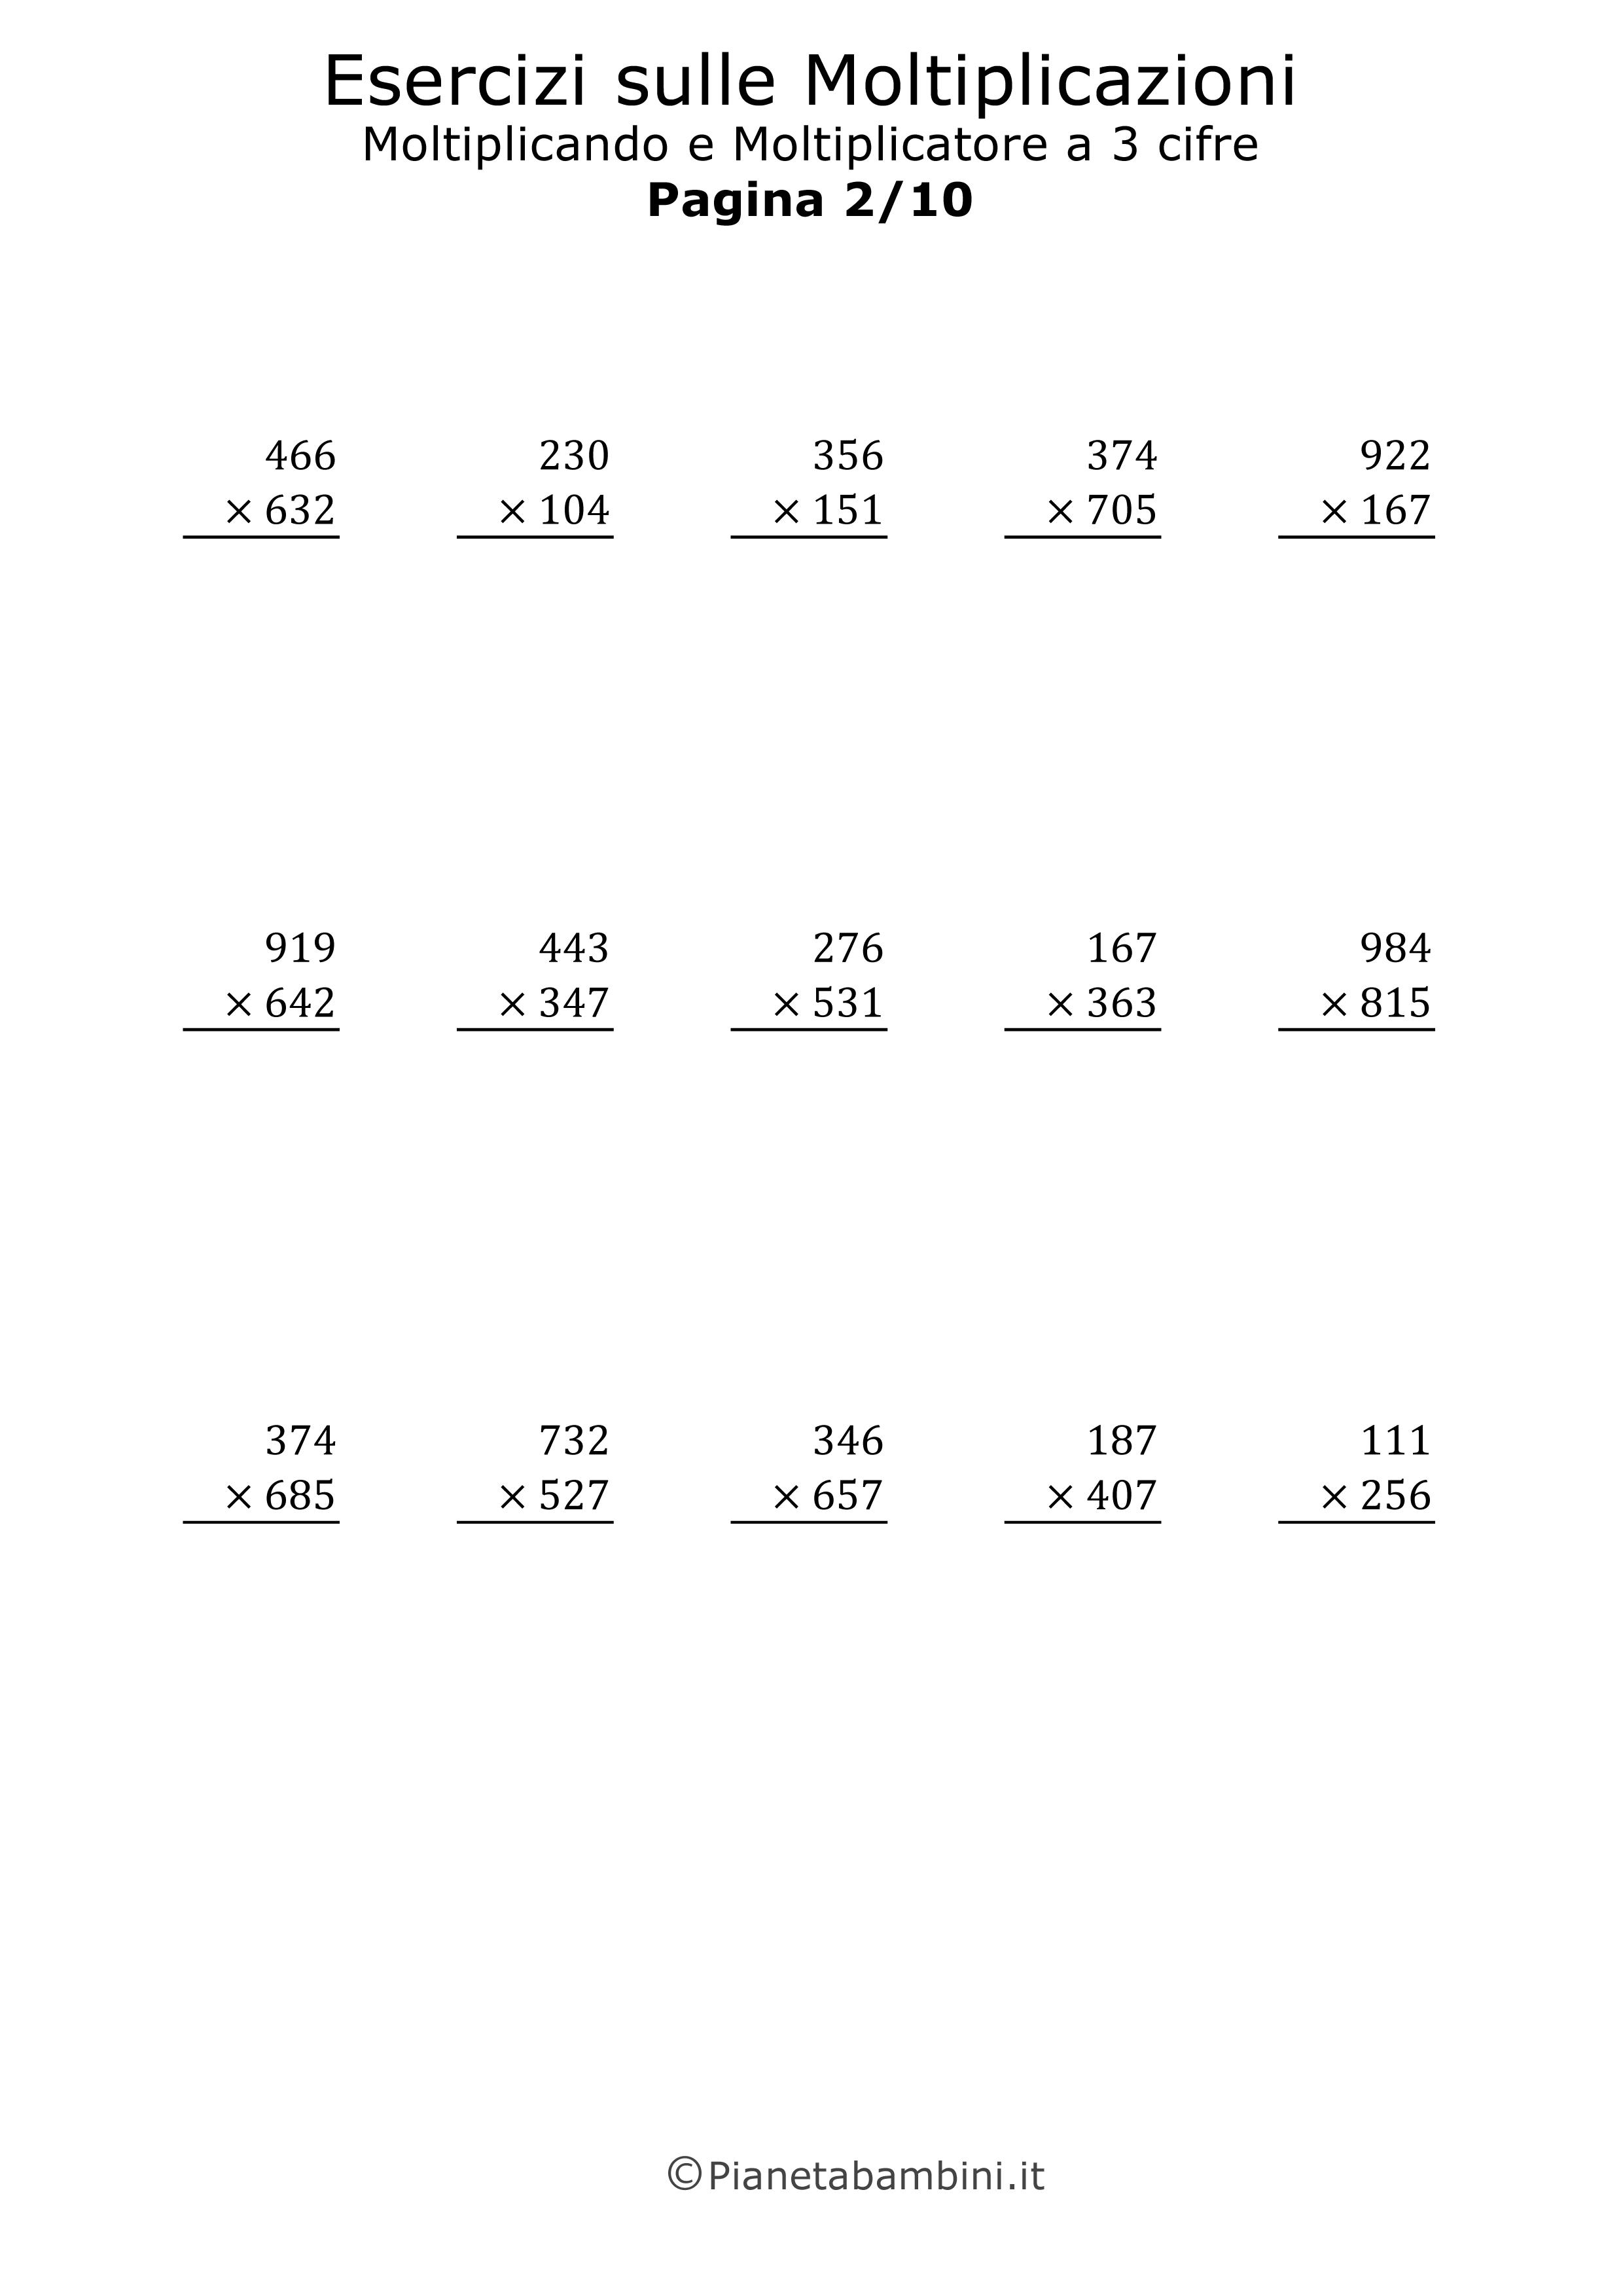 Esercizi-Moltiplicazioni-3-Cifre_02